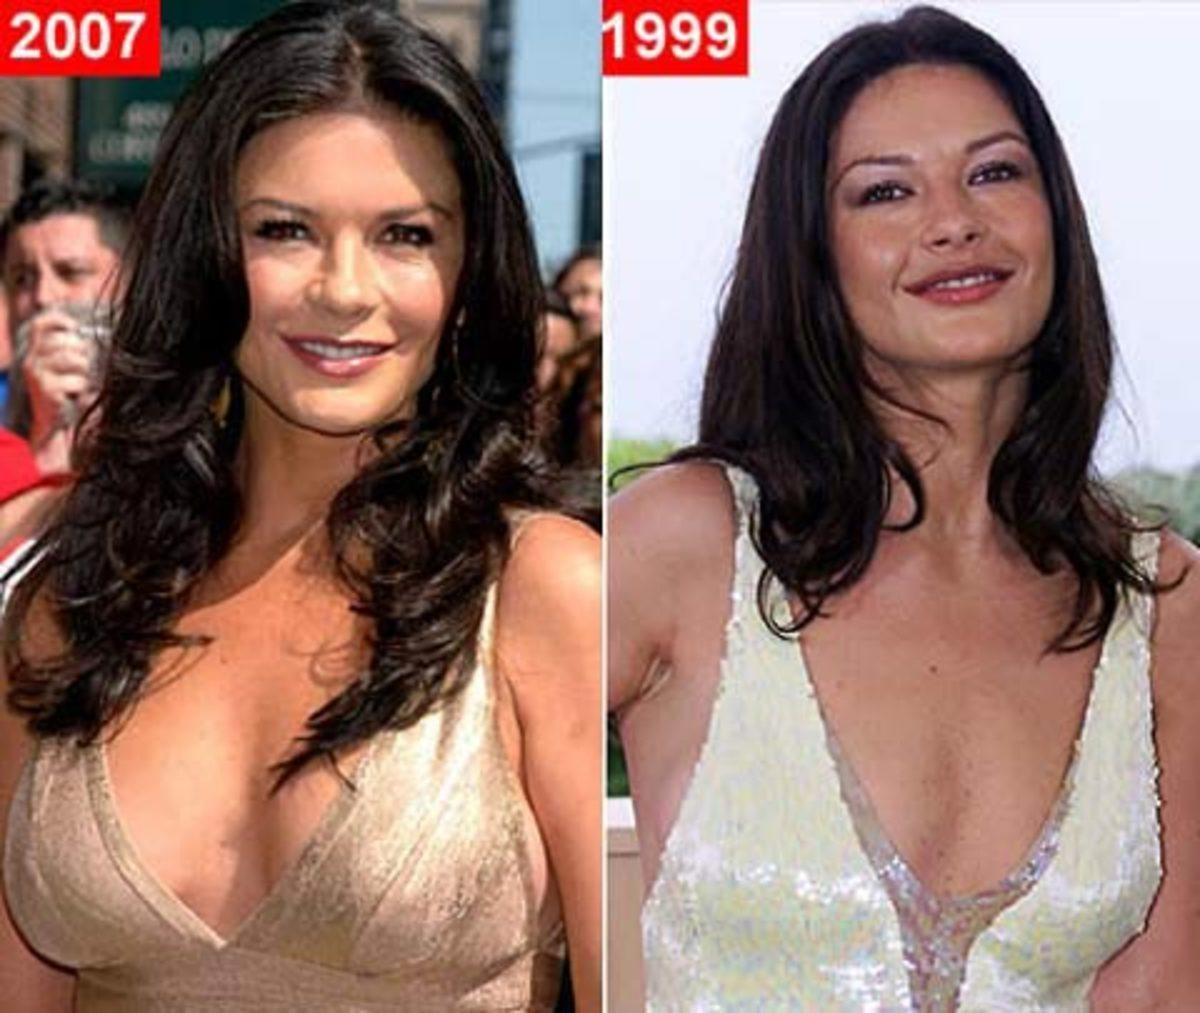 Catherine Zeta Jones Plastic Surgery Before & After Look